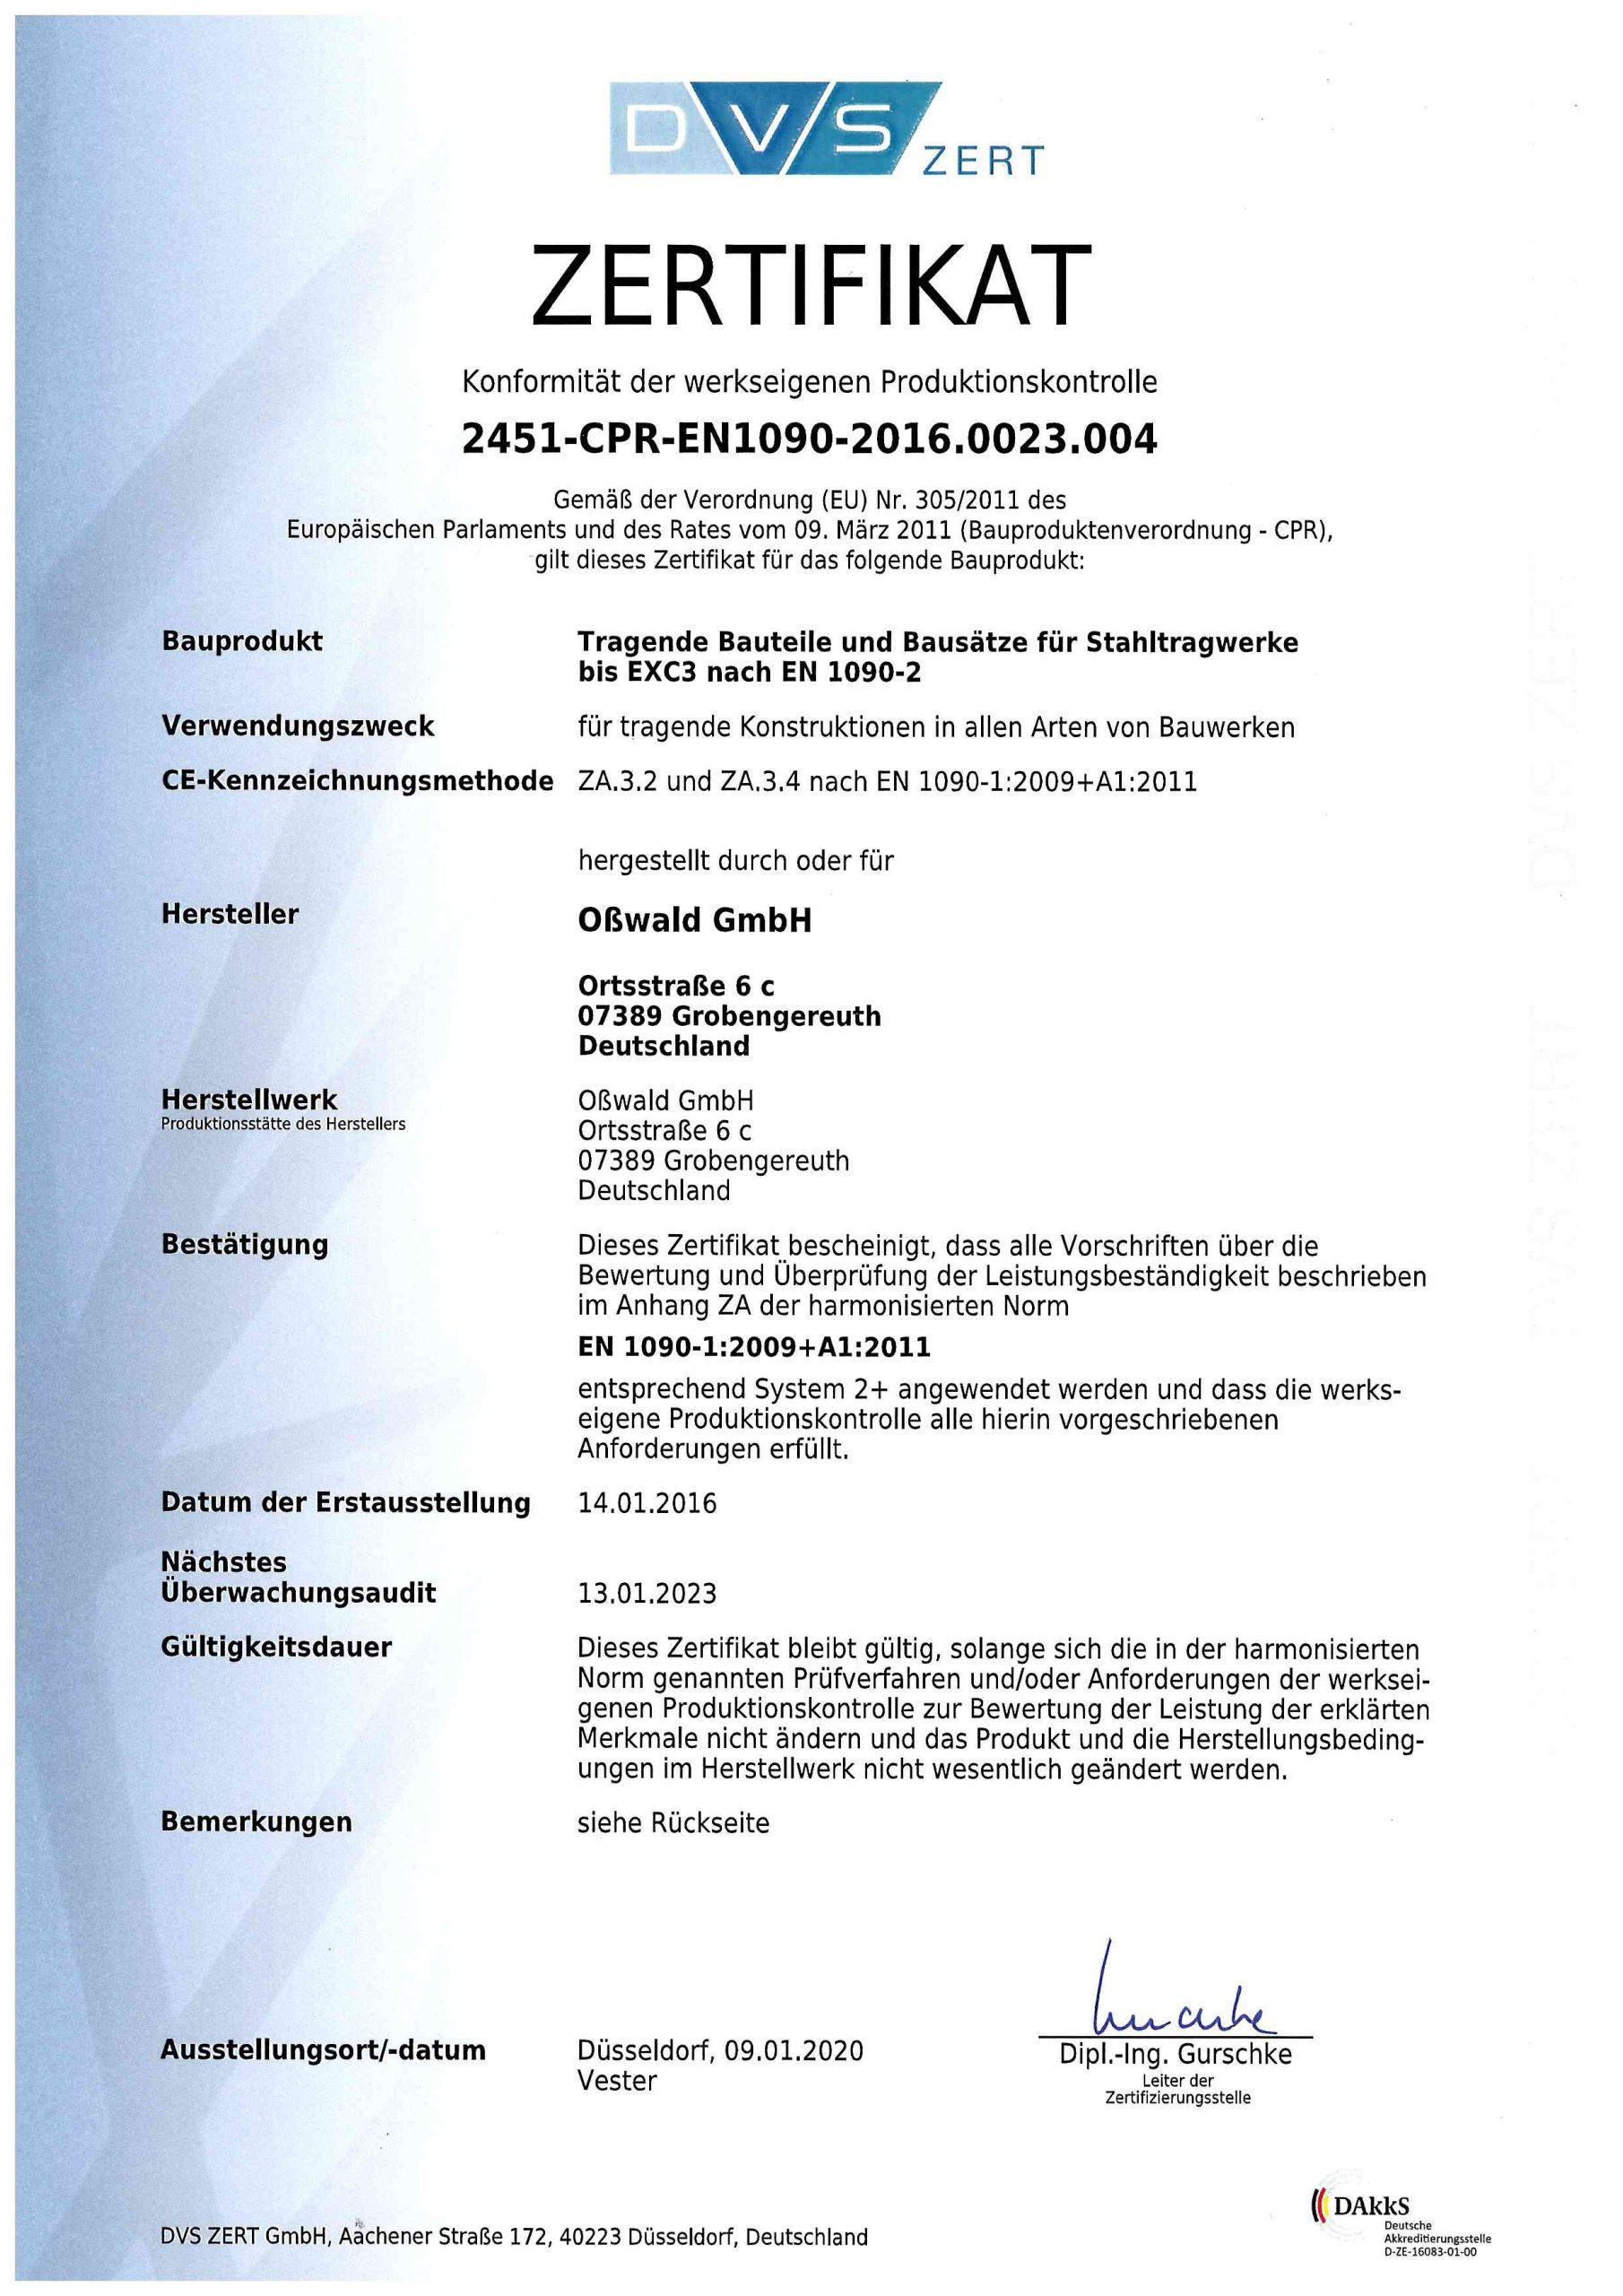 Zertifikat 2451-CPR-EN1090-2016-0023-004-s1